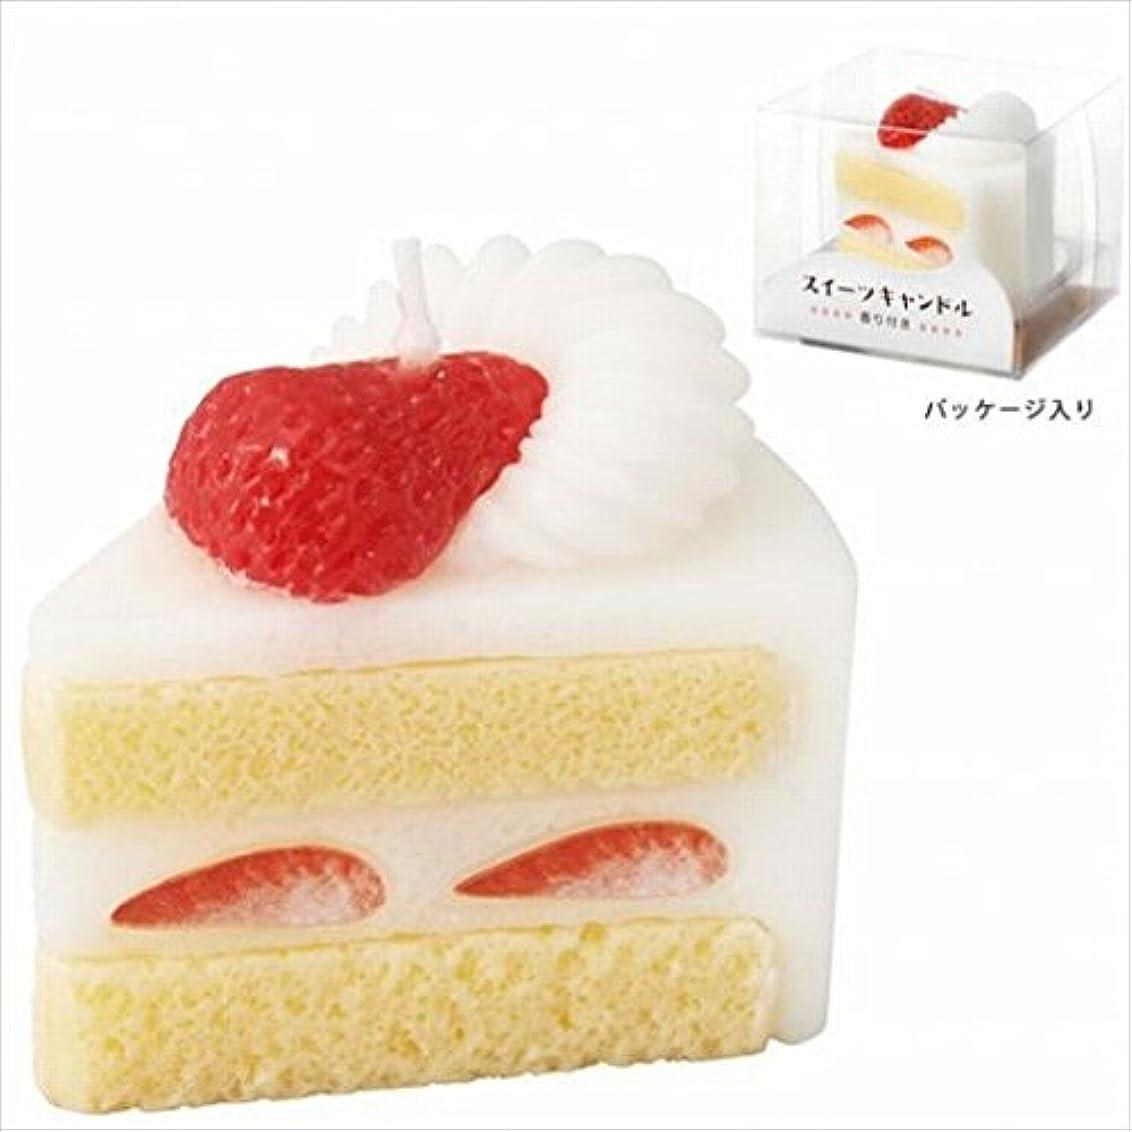 エステート時代遅れ満足できるヤンキーキャンドル( YANKEE CANDLE ) スイーツキャンドル ショートケーキ